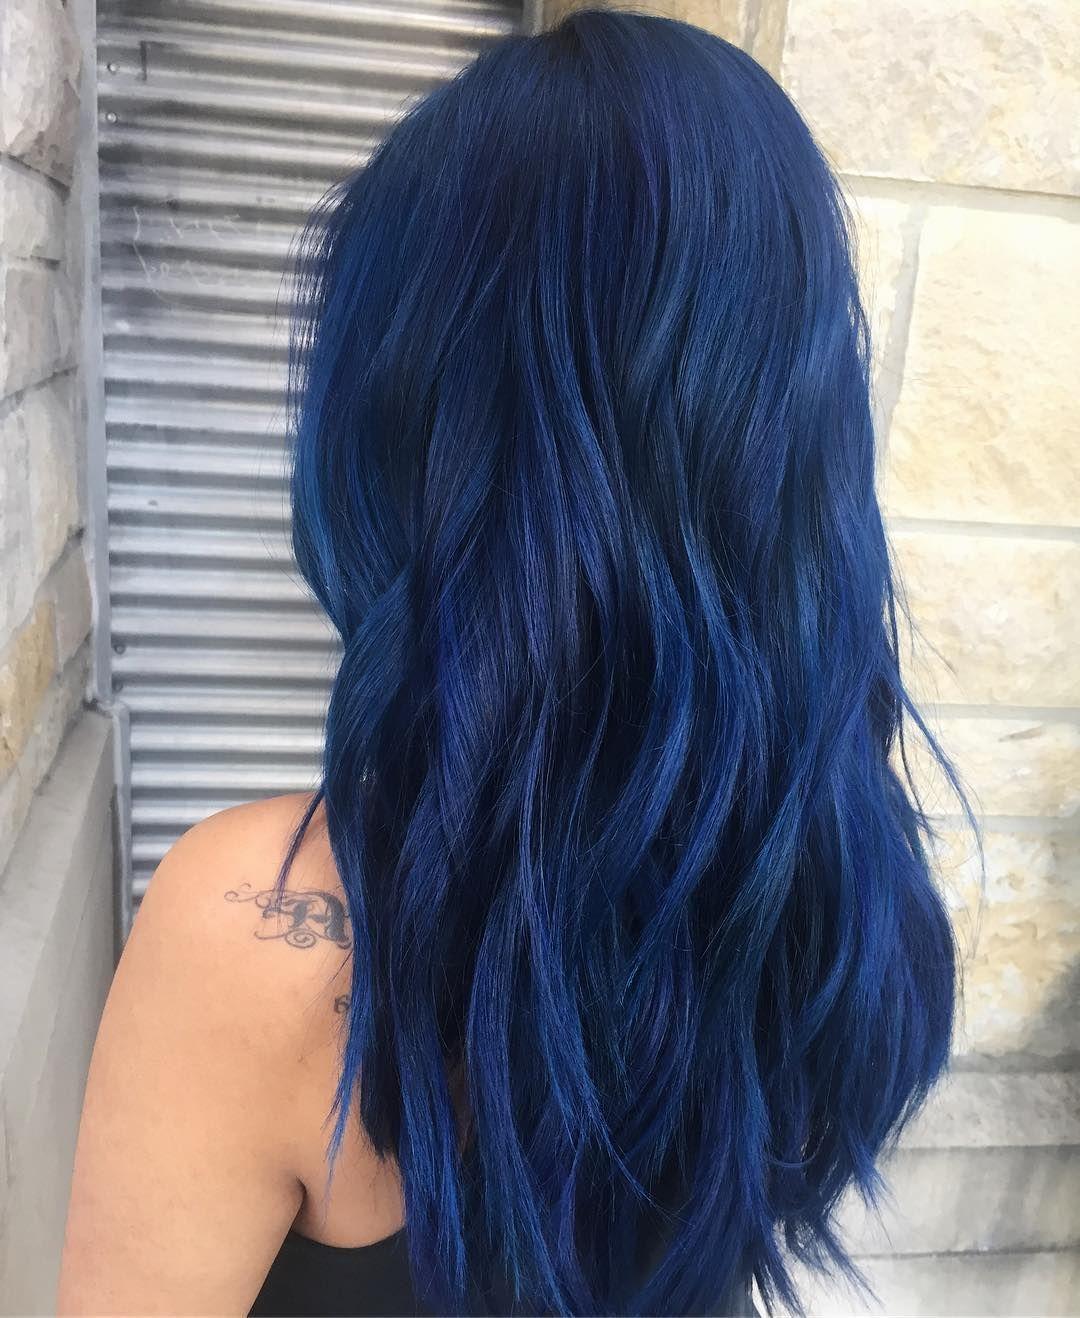 dark midnight blue hair 1 167 likes 29 comments austin texas